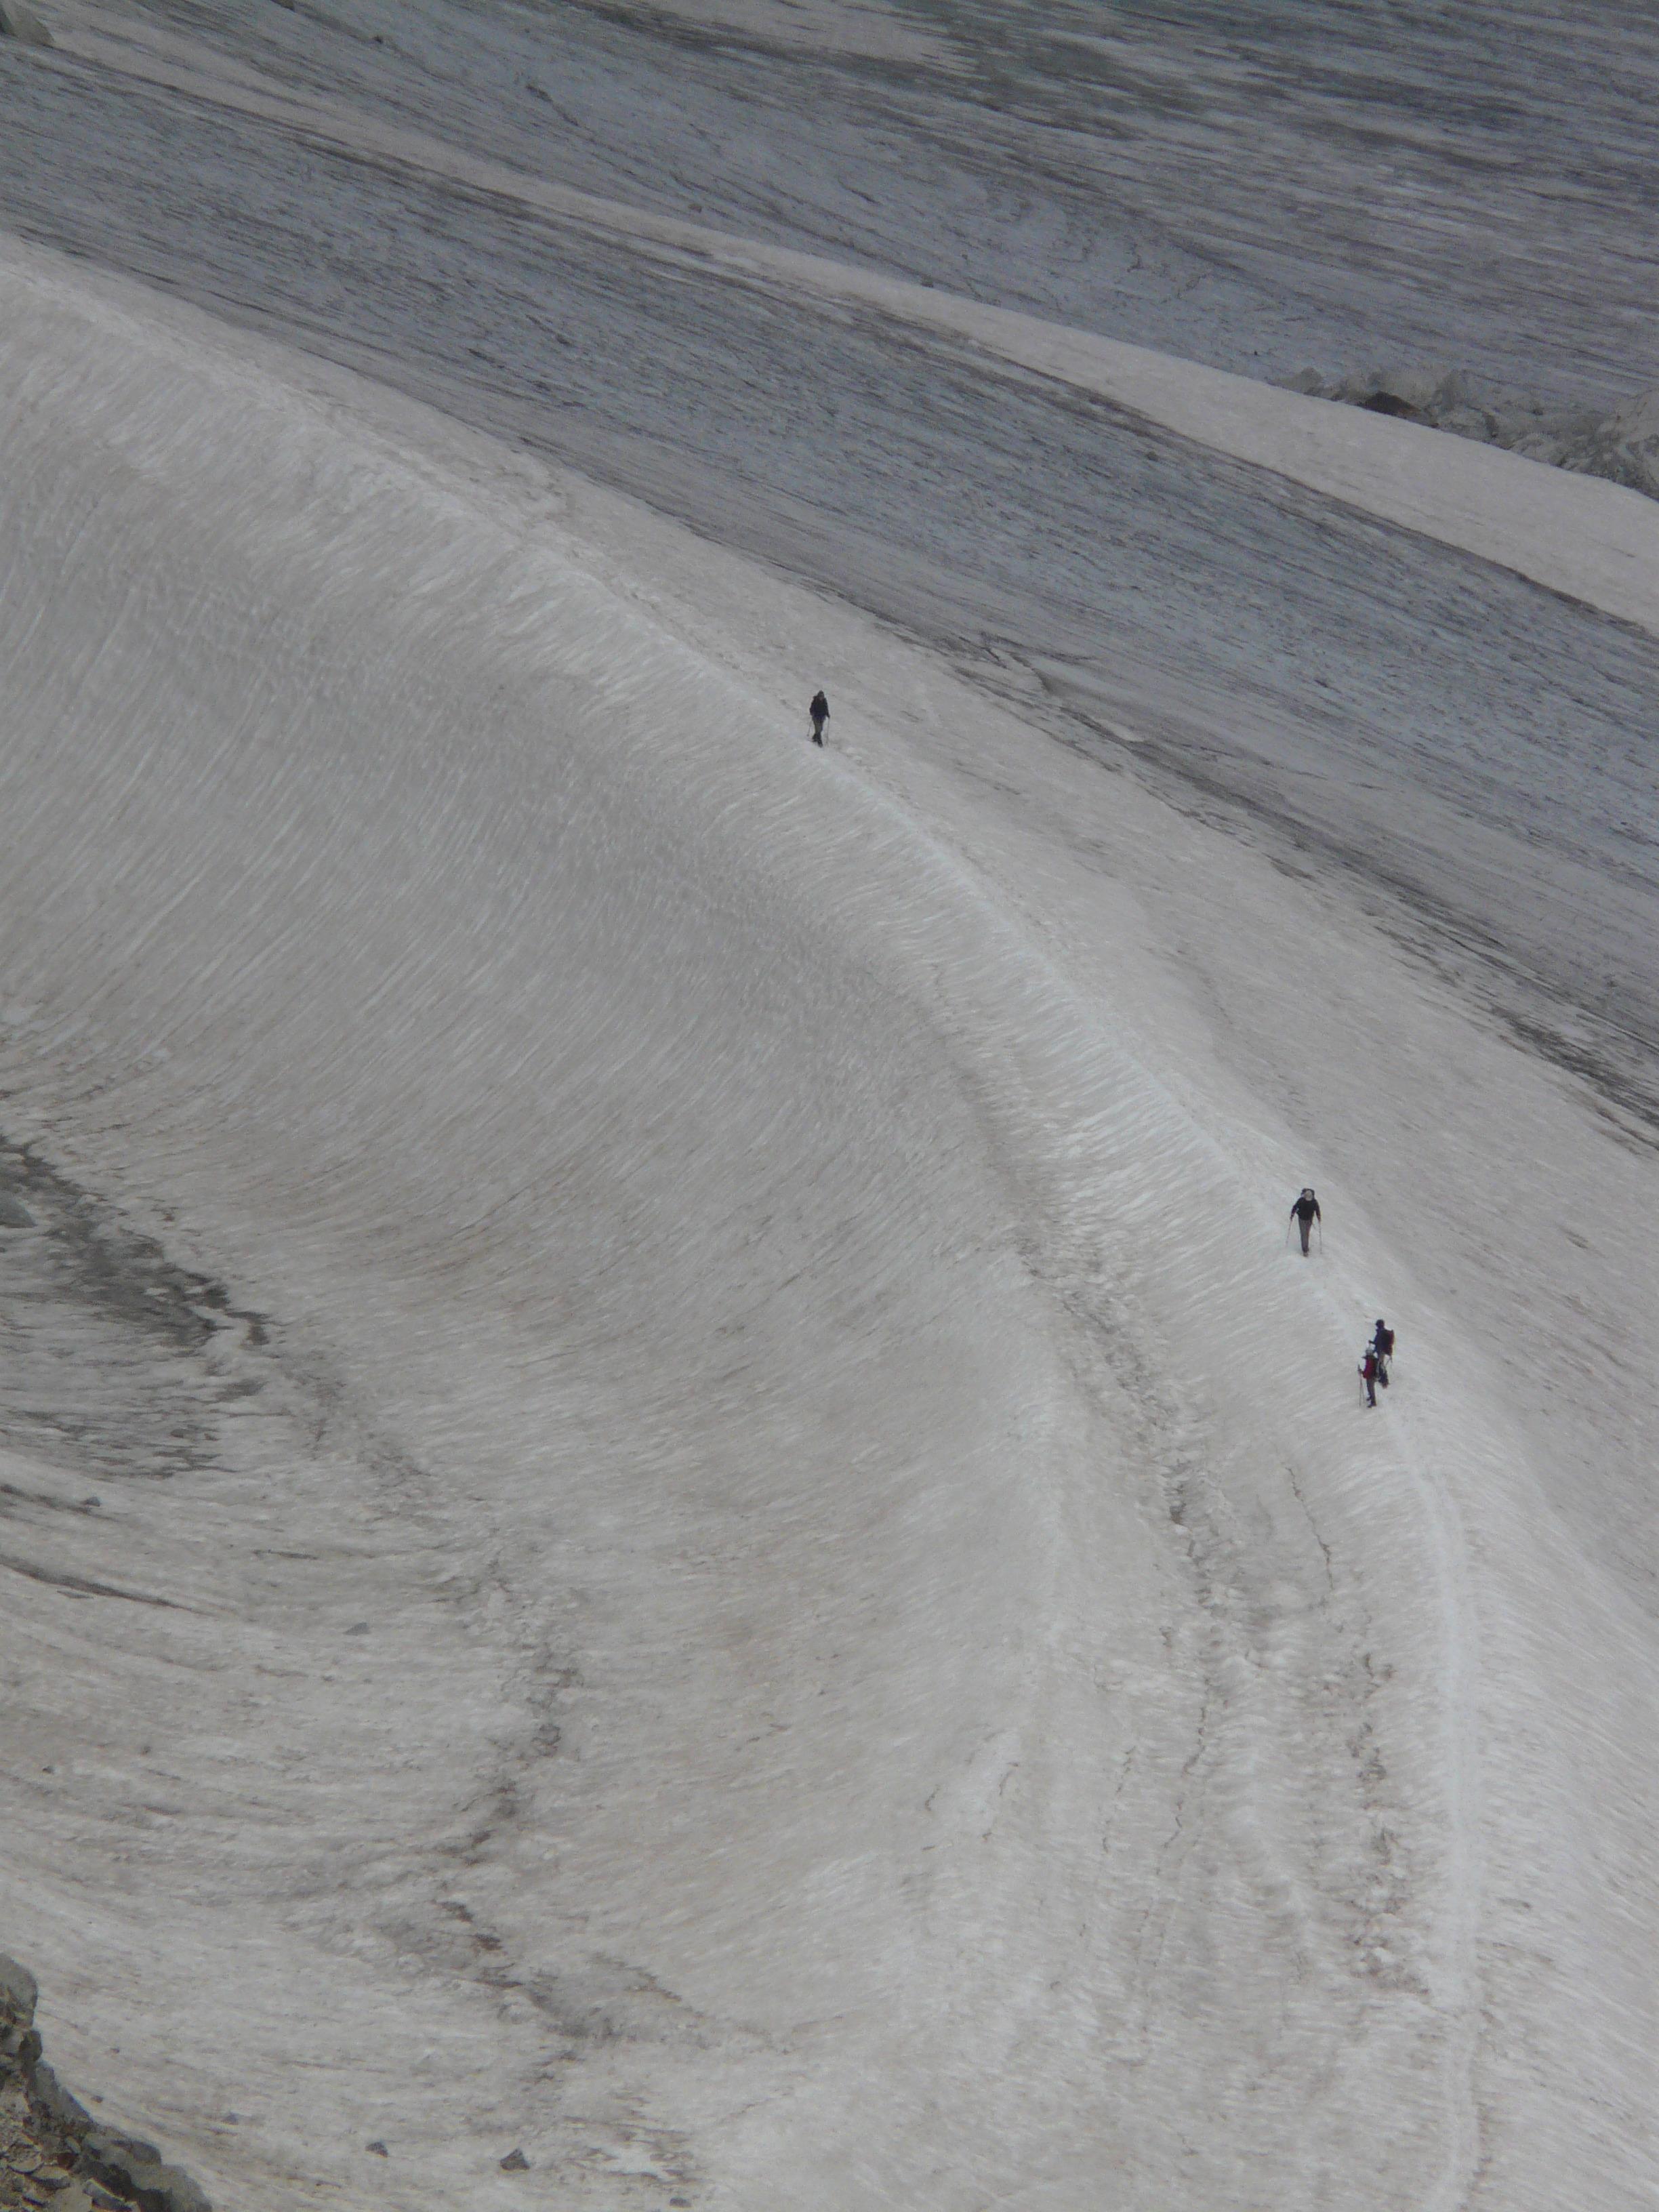 Kostenlose foto : Sand, Schnee, kalt, Winter, Wandern, Weiß, Sport ...